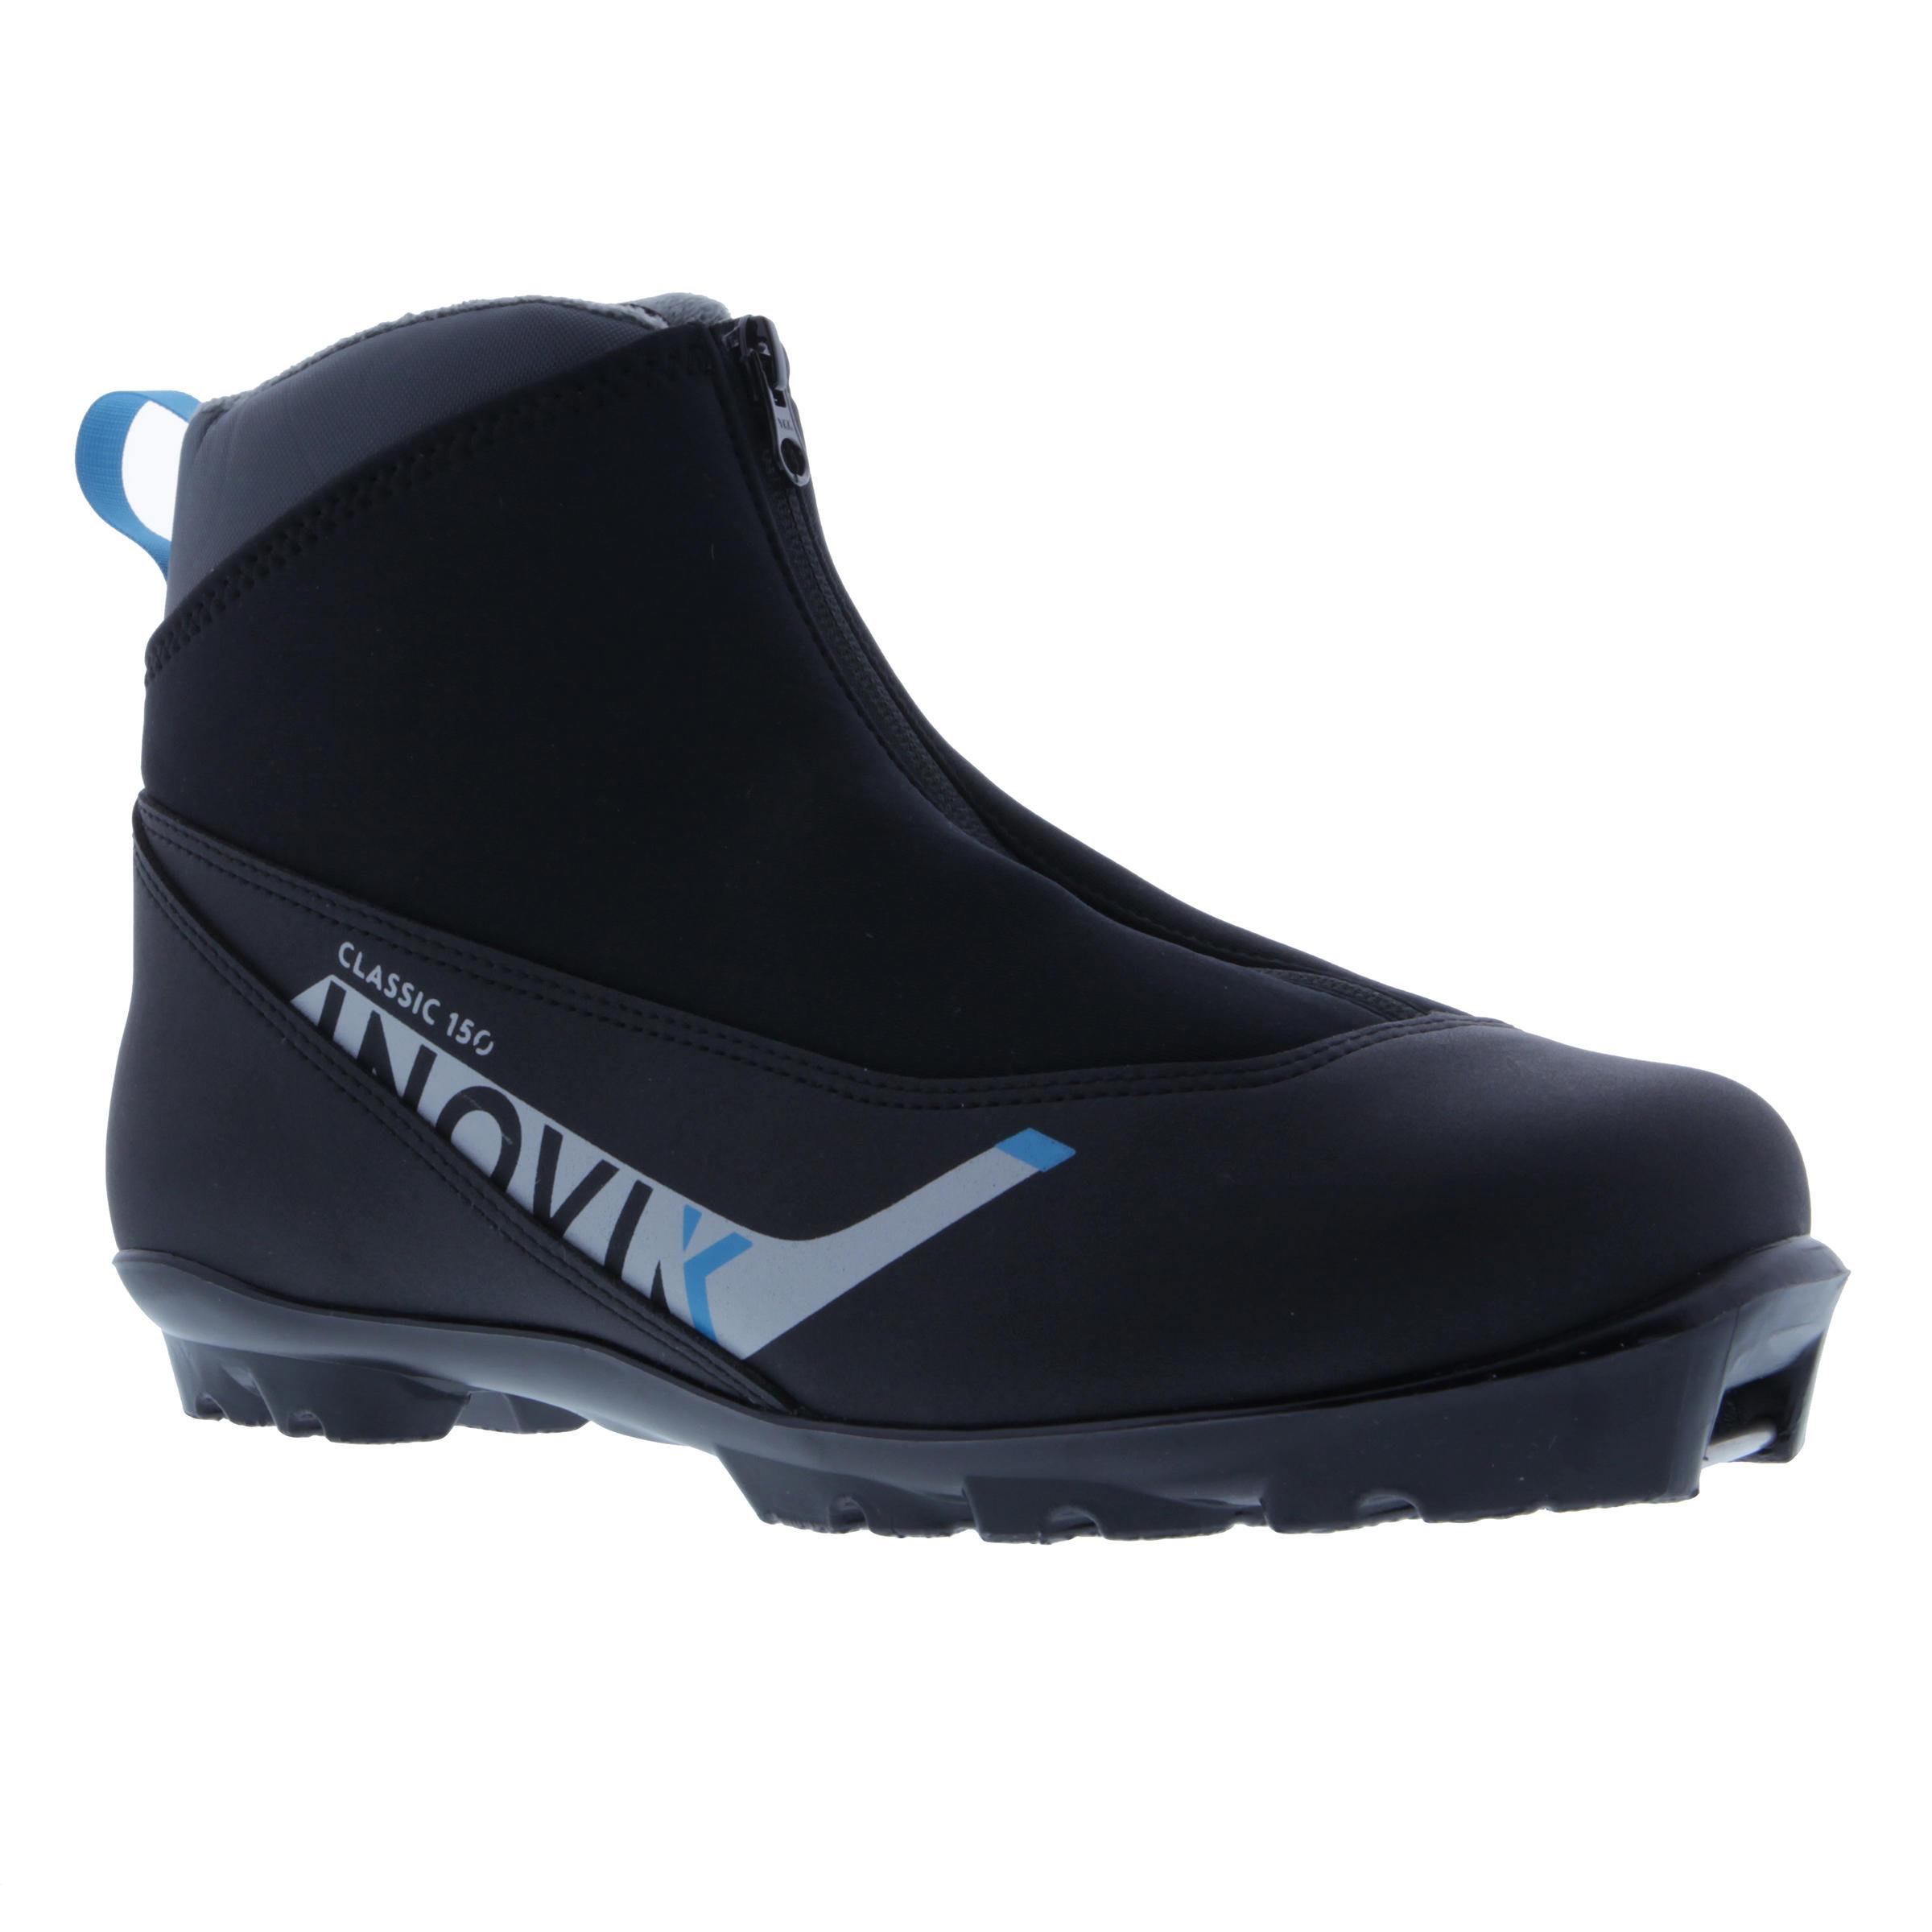 Inovik Chaussures de ski de fond classique XC S BOOTS 150 ENFANT - Inovik